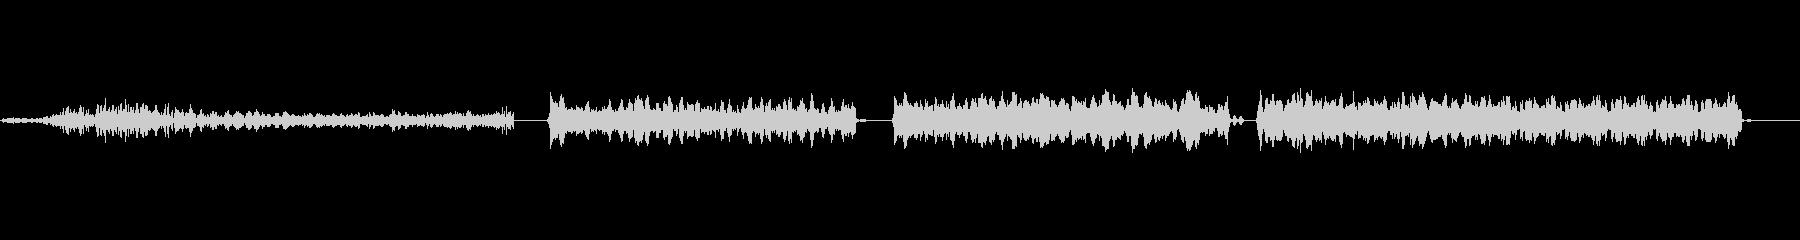 ホラーアクセント、グリッチ、ノイズ...の未再生の波形